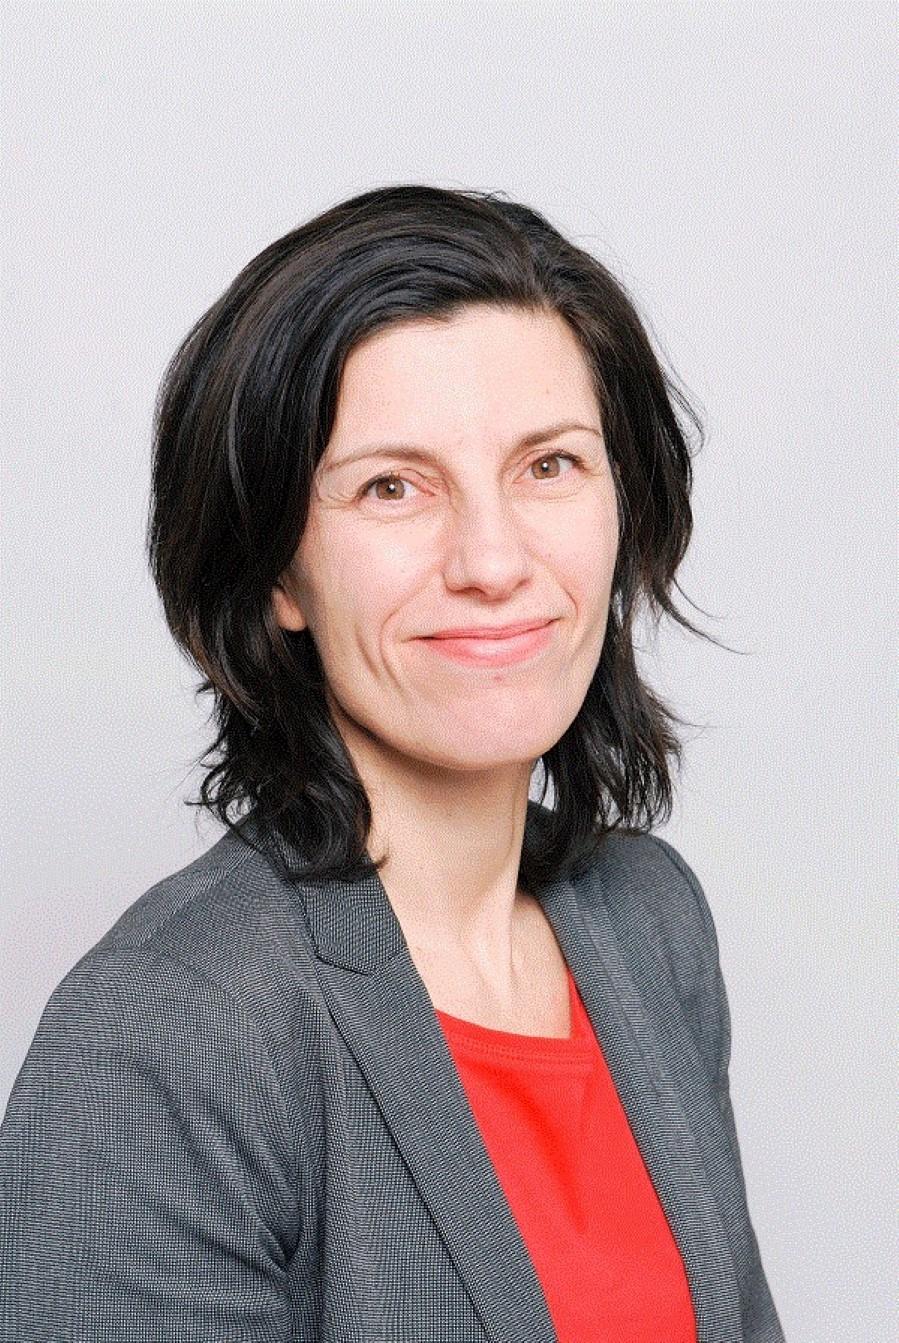 Milena Tevanovic